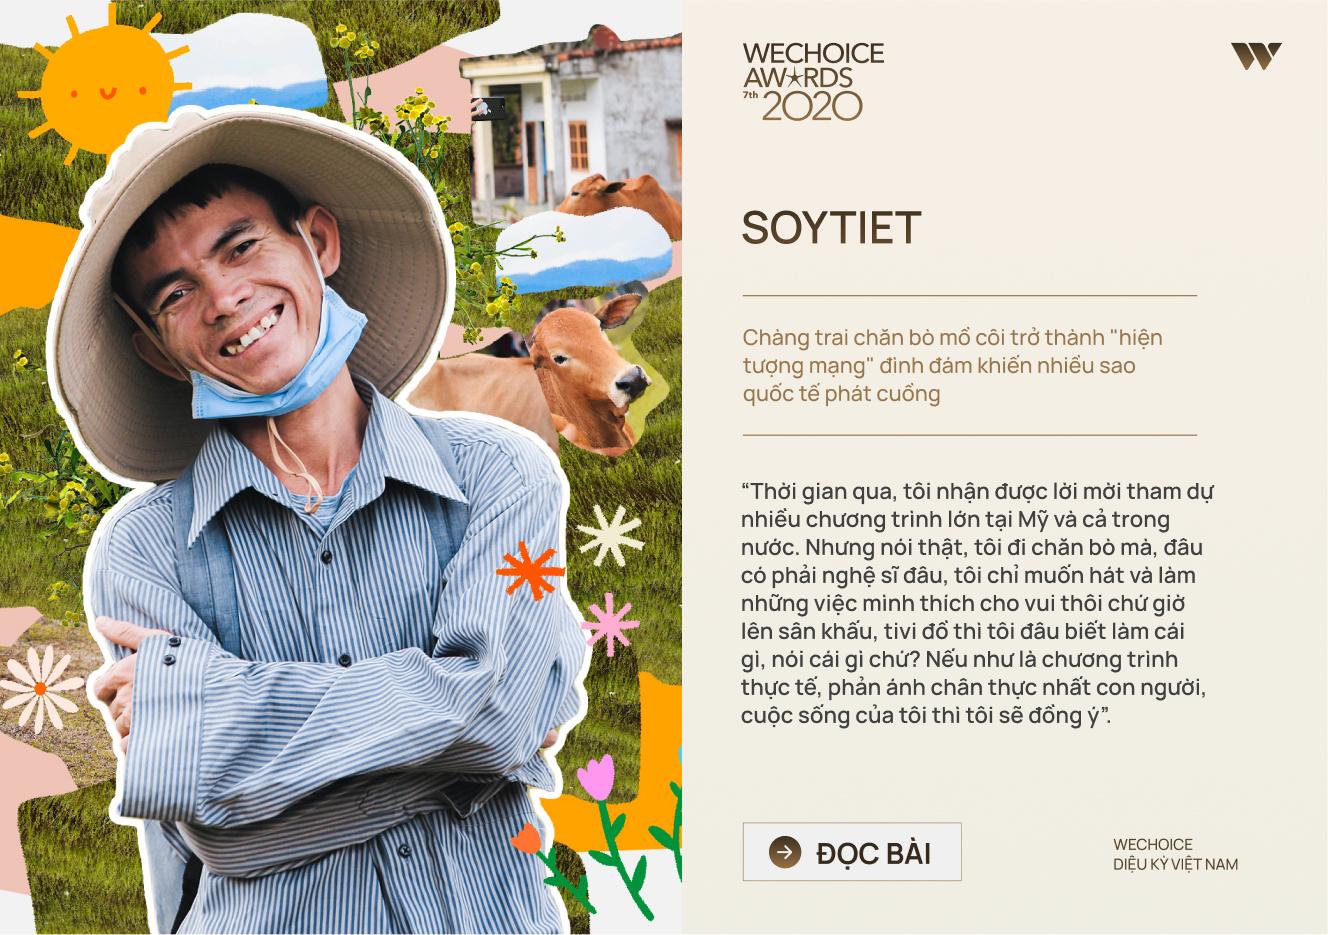 20 đề cử nhân vật truyền cảm hứng của WeChoice Awards 2020: Những câu chuyện tạo nên Diệu kỳ Việt Nam - Ảnh 14.